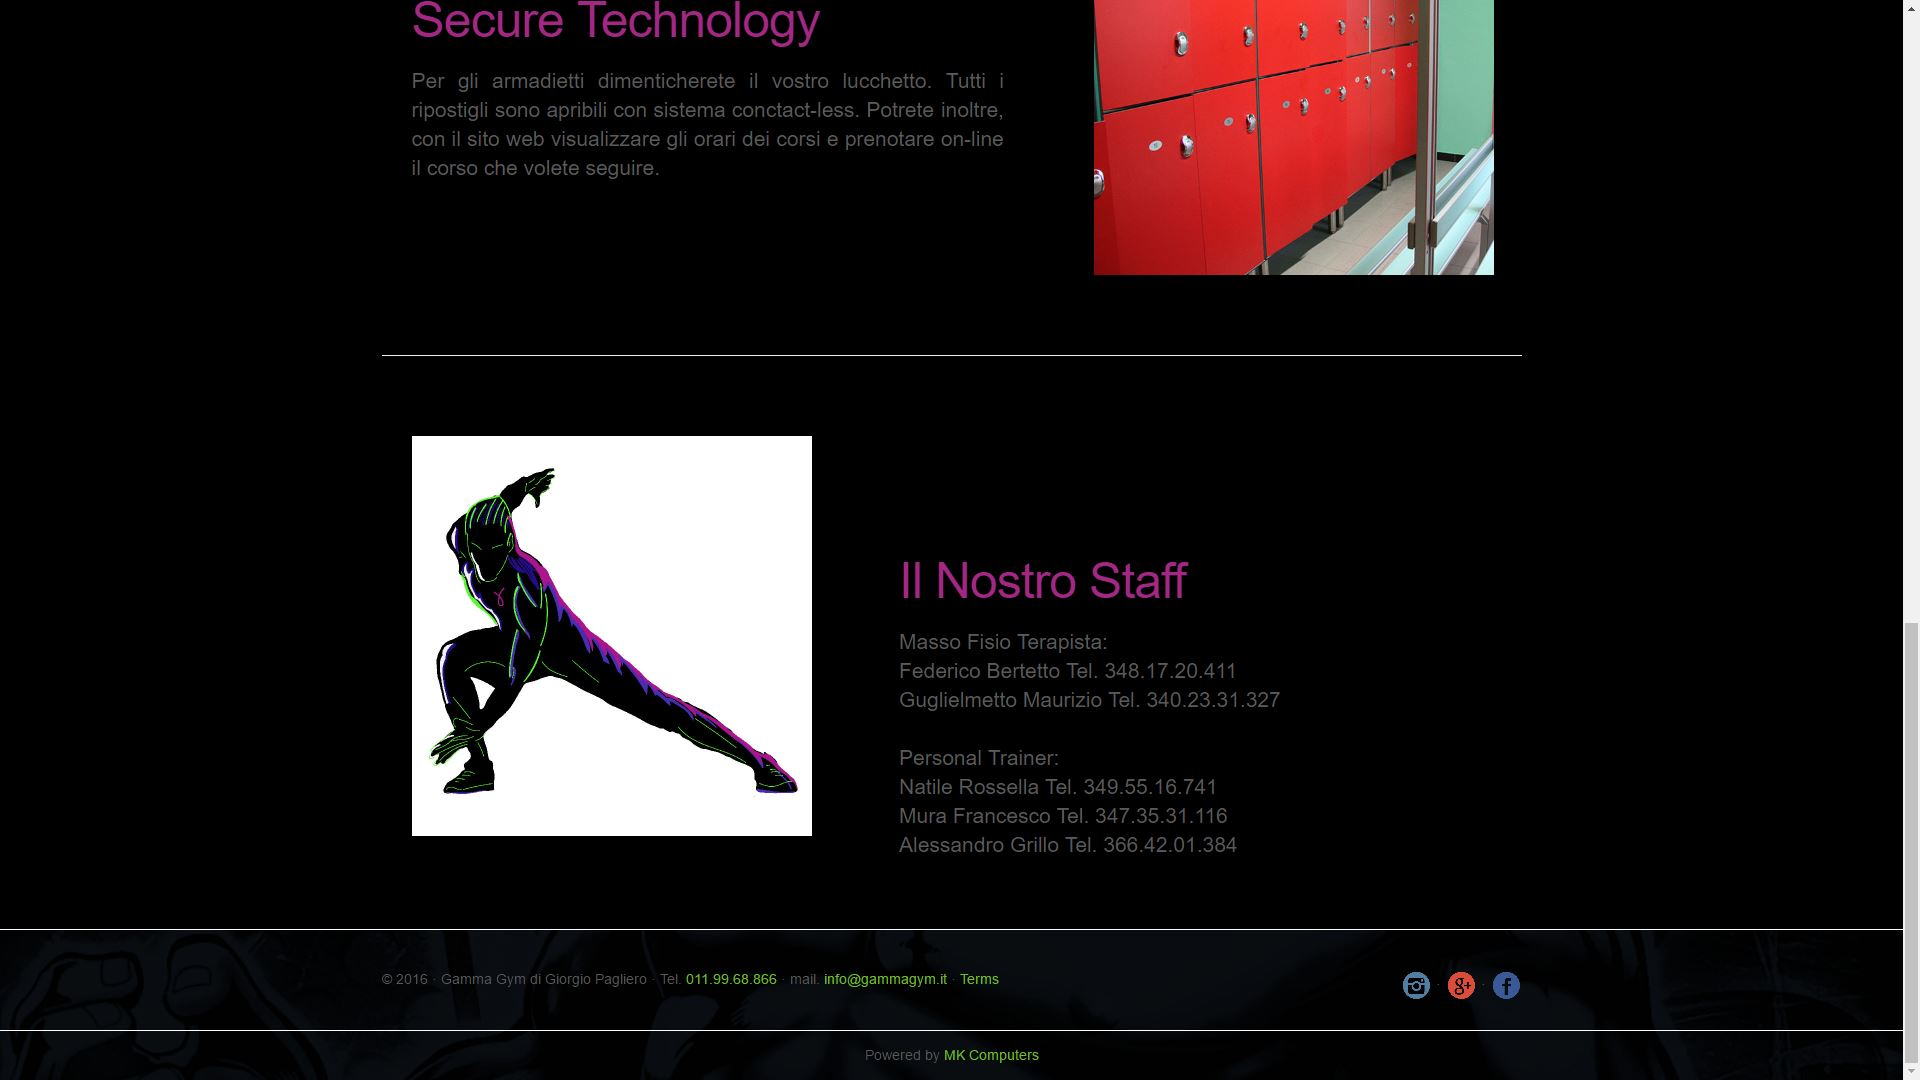 Mk Computers - Assistenza PC e Siti Web Caselle Torinese - Gamma Gym Chi Siamo